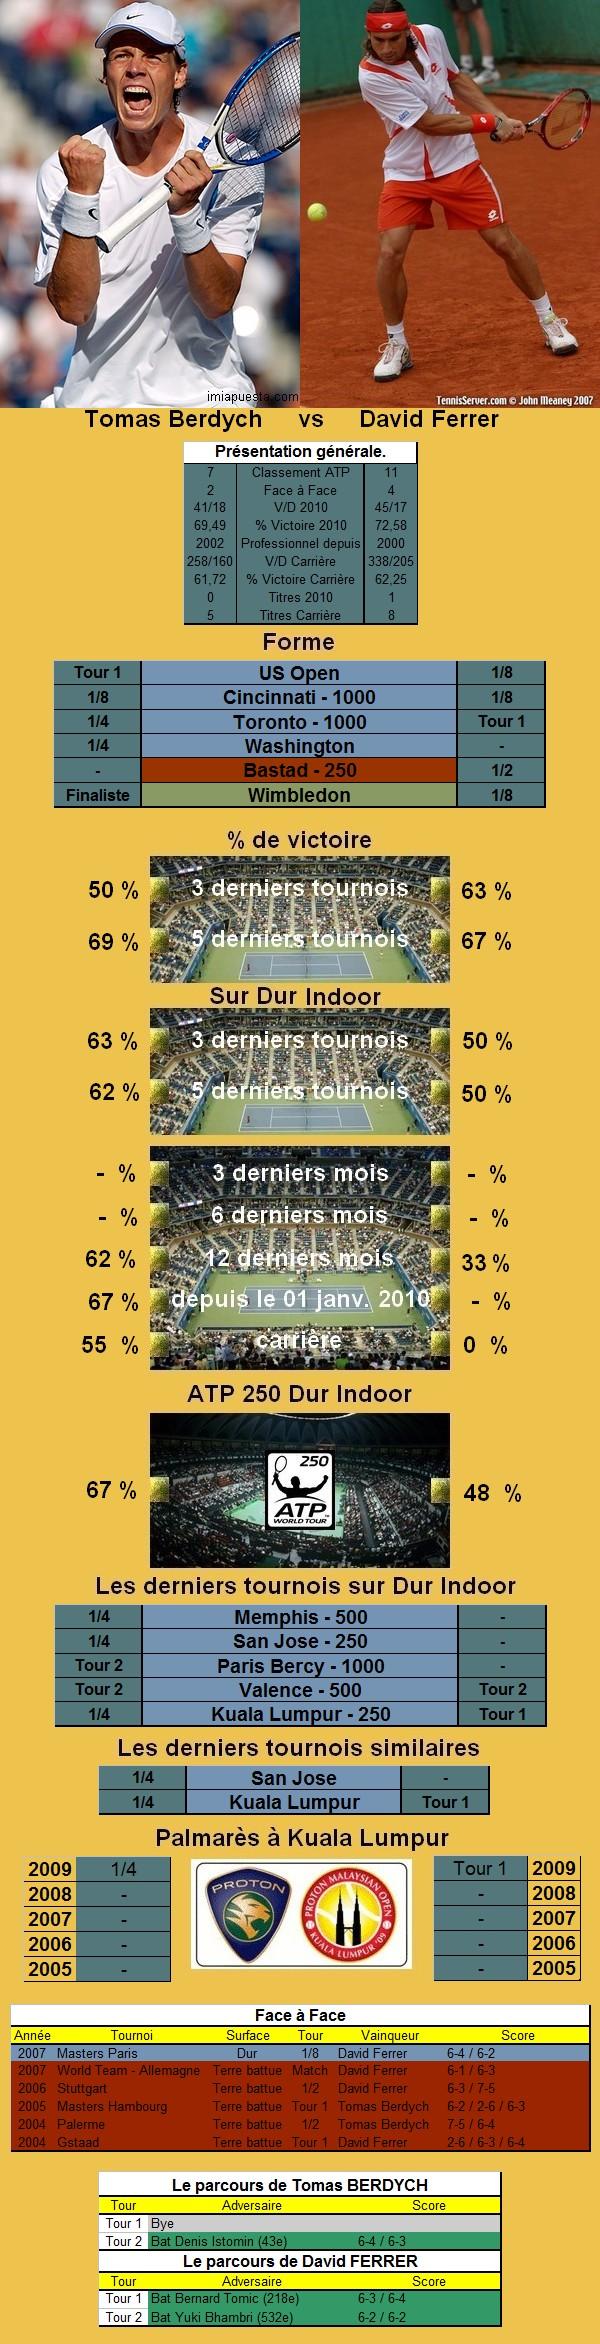 Statistiques tennis de Berdych contre Ferrer à Kuala Lumpur